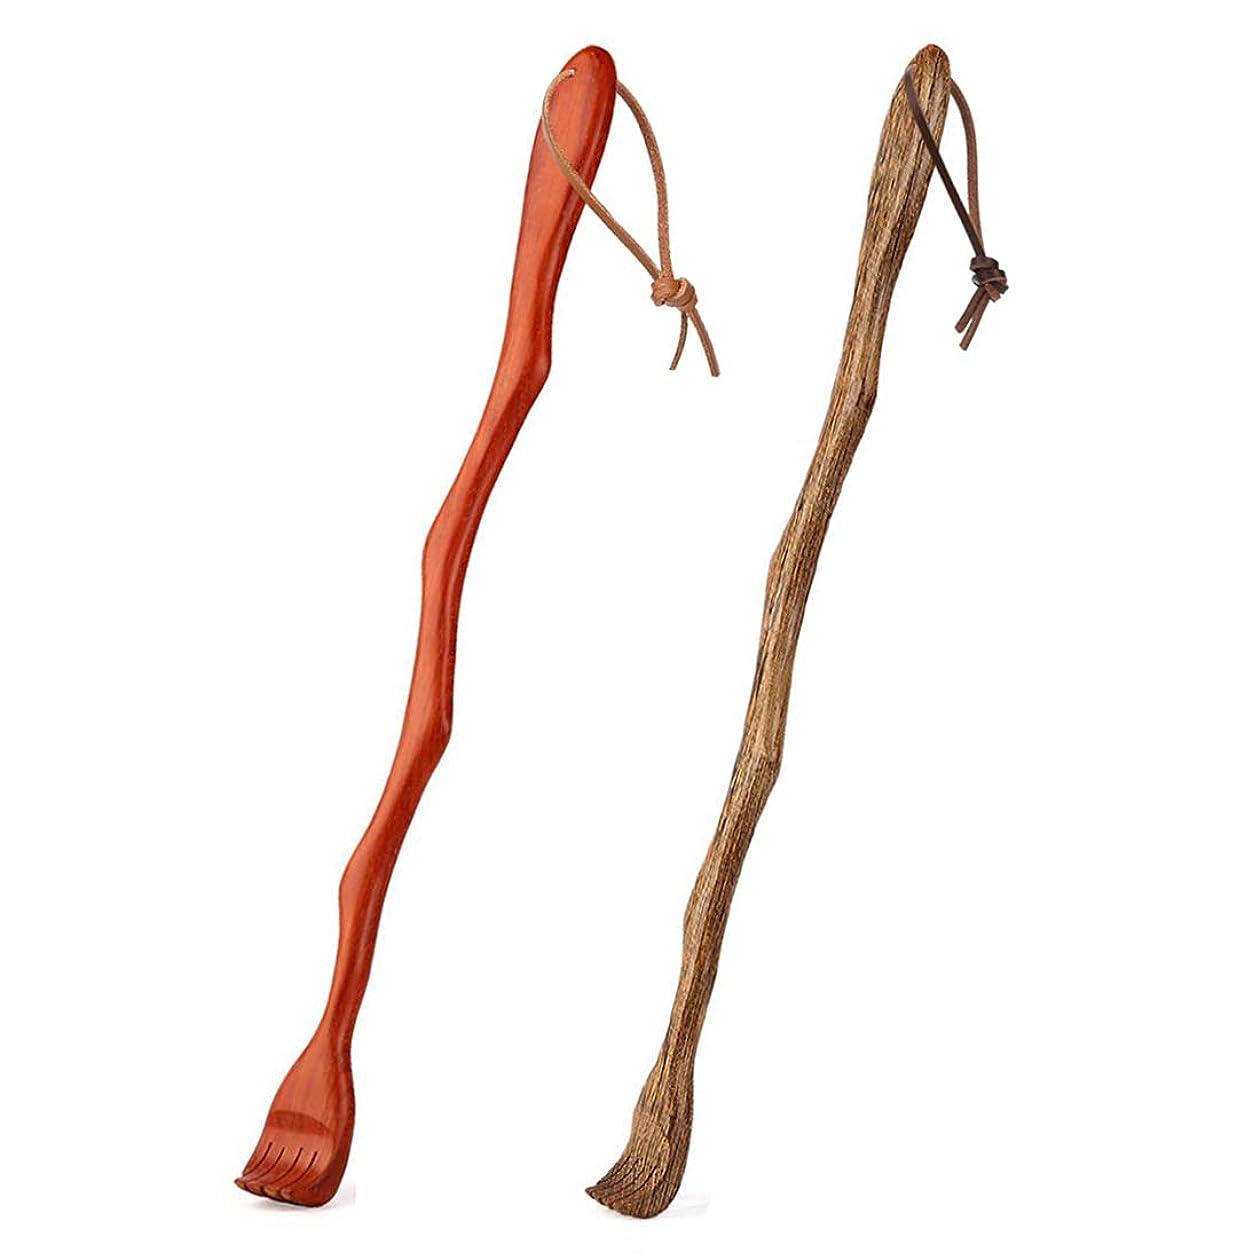 登録肉のコロニアルバックスクラッチャー、2バックスクラッチャーウッドバックマッサージャーハンドヘルド46.5cm / 18.3